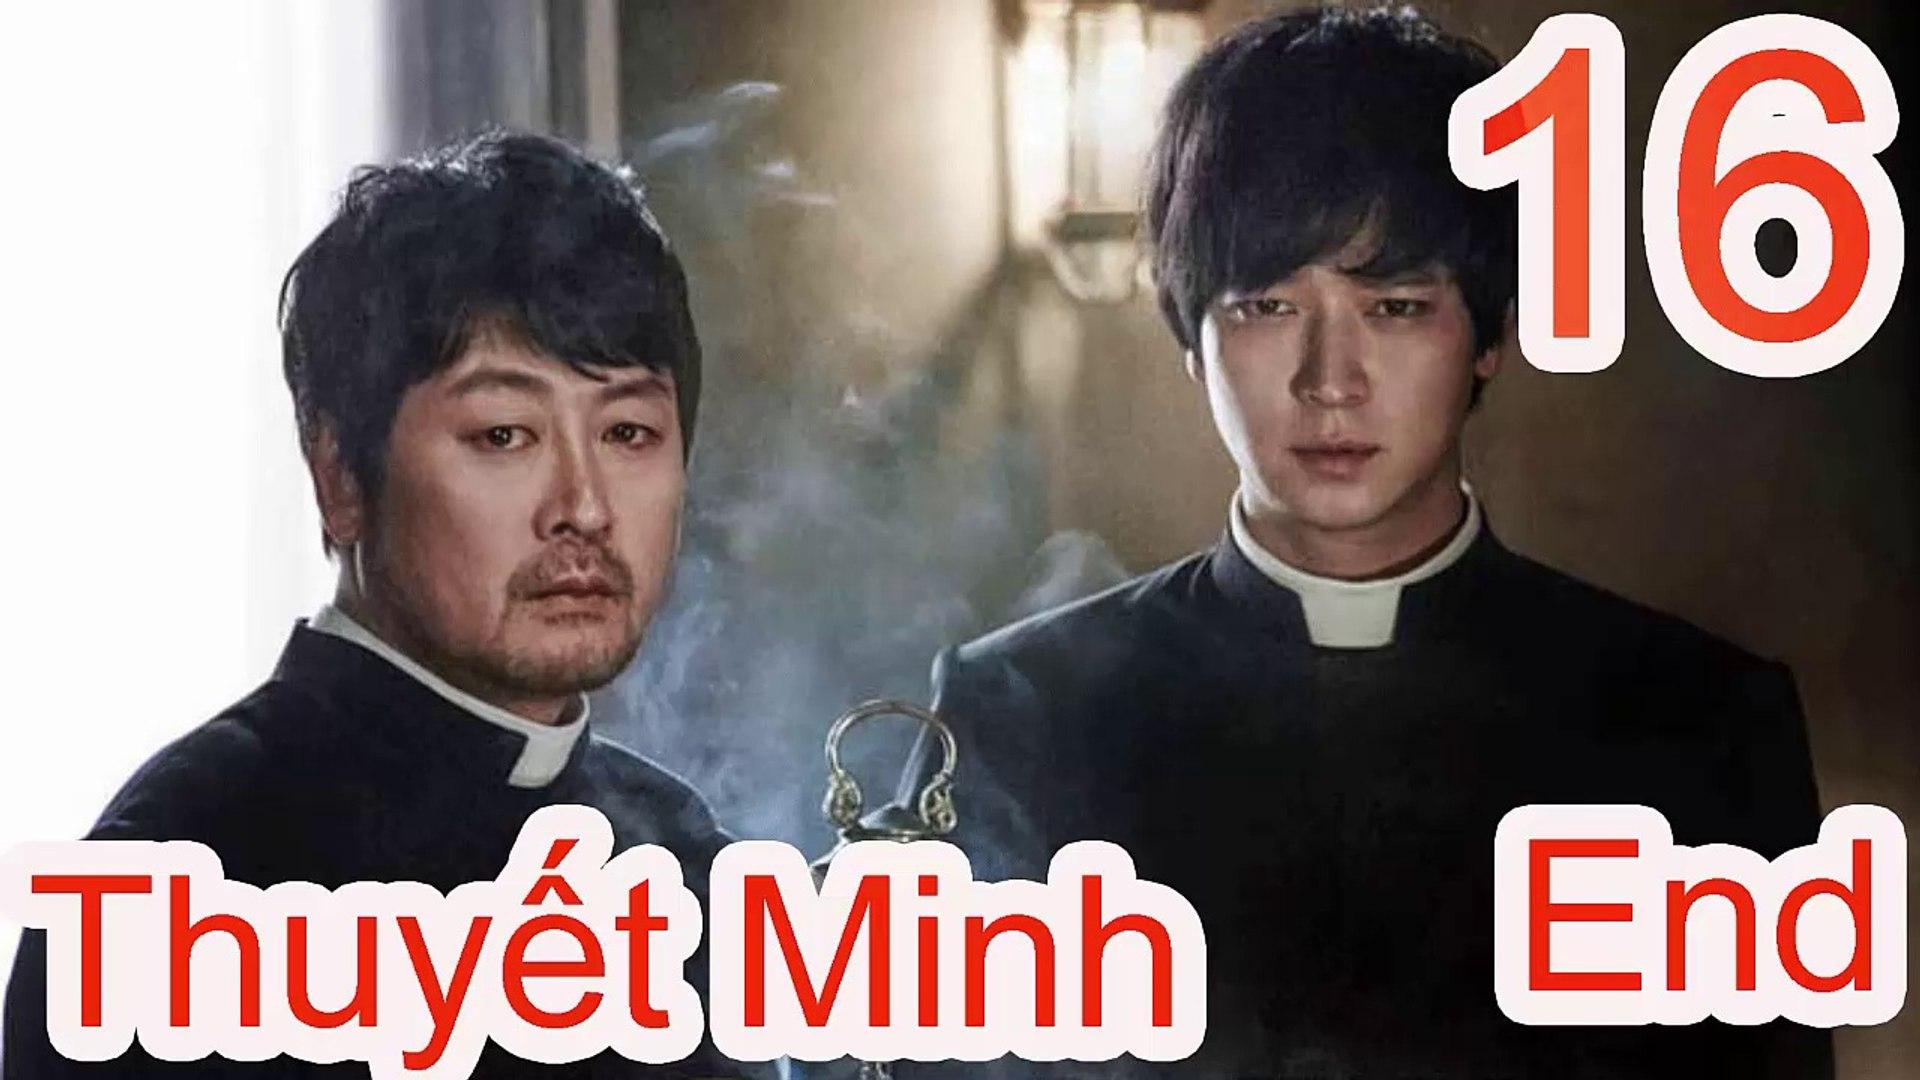 Trừ Tà Thuyết Minh Tập 16 End - Phim Hàn Quốc